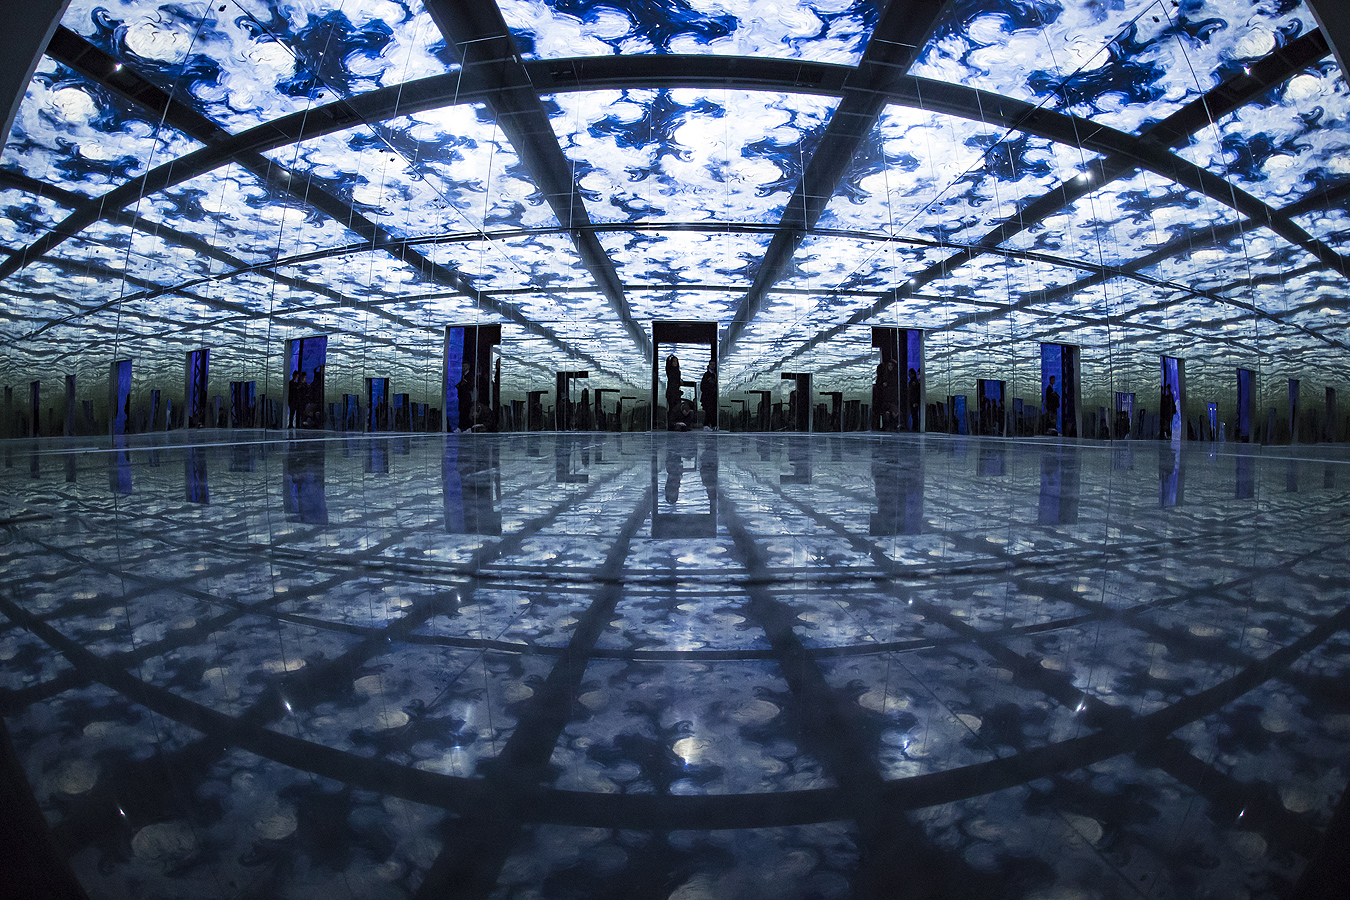 """Посетители разглеждат творби на холандски художник Винсент Ван Гог, проектирани по стените, като част от проекта """"Ван Гог: Звездната нощ"""", в дигиталния музей на изкуството """"Atelier des Lumieres"""" (""""Ателието на светлините"""") в Париж, Франция. Изложбата ще продължи от 22 февруари до 31 декември 2019 г."""